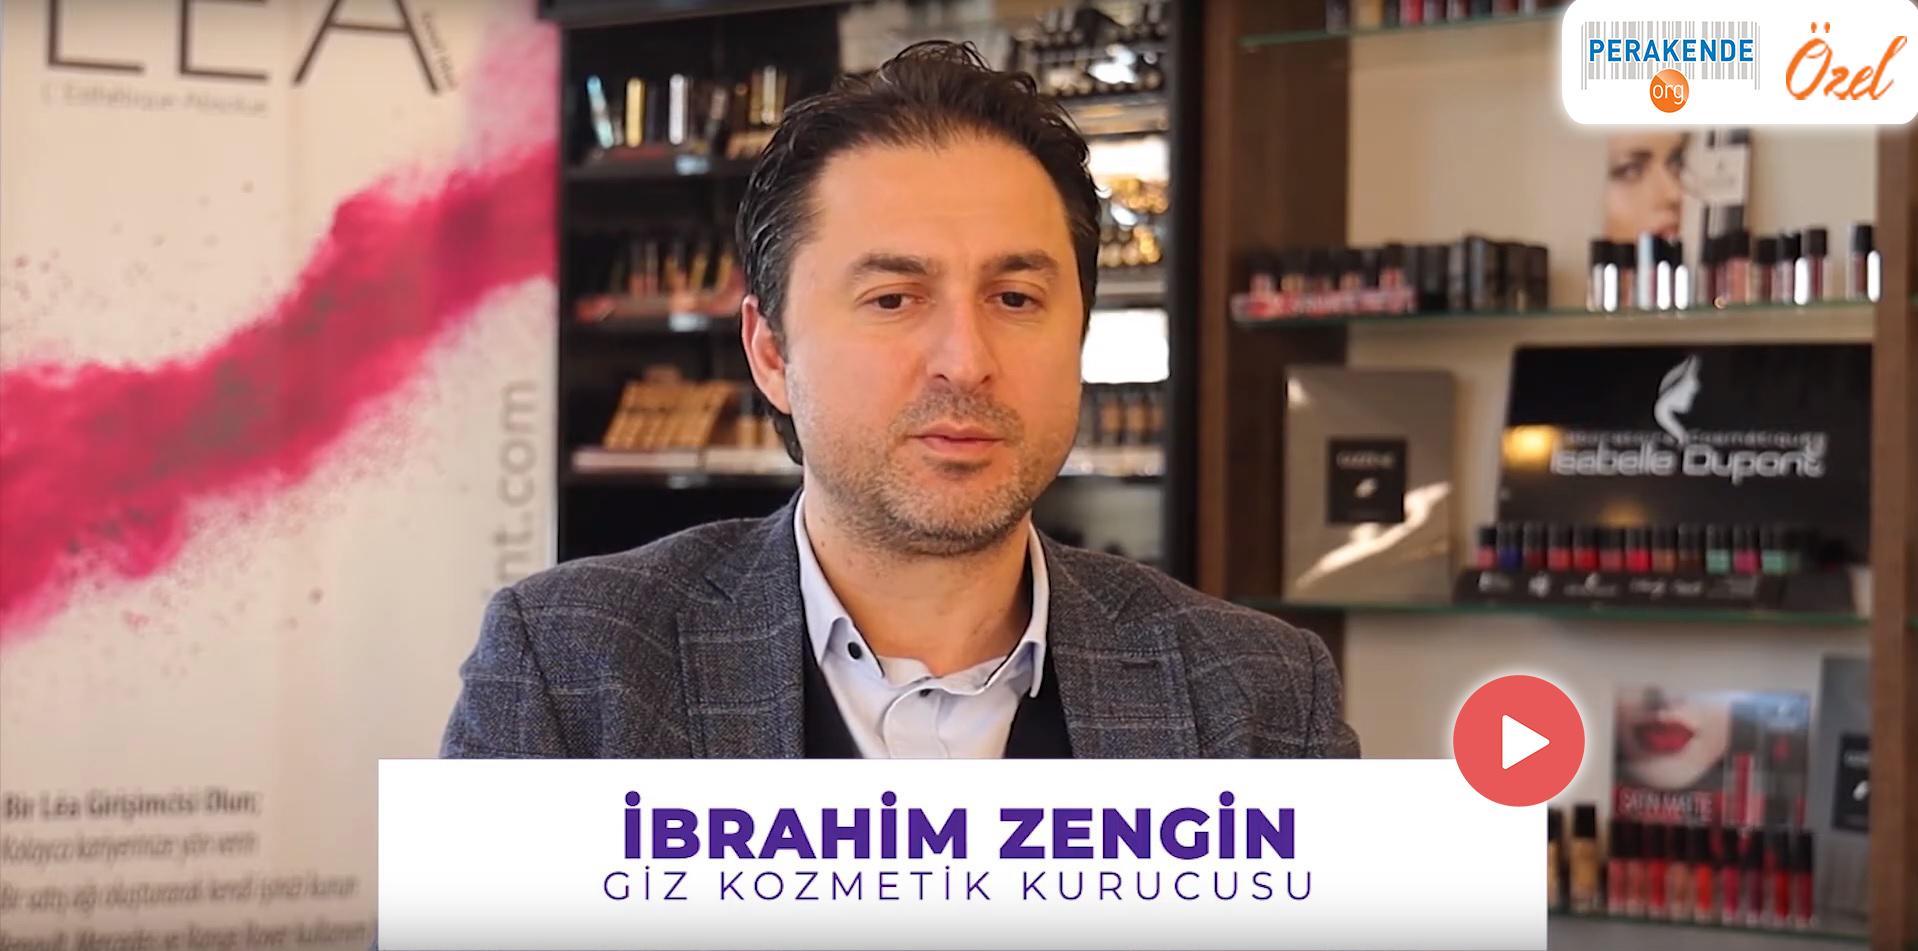 Giz Kozmetik'ten 2019 yılında 18 milyon adet ürün ihracatı